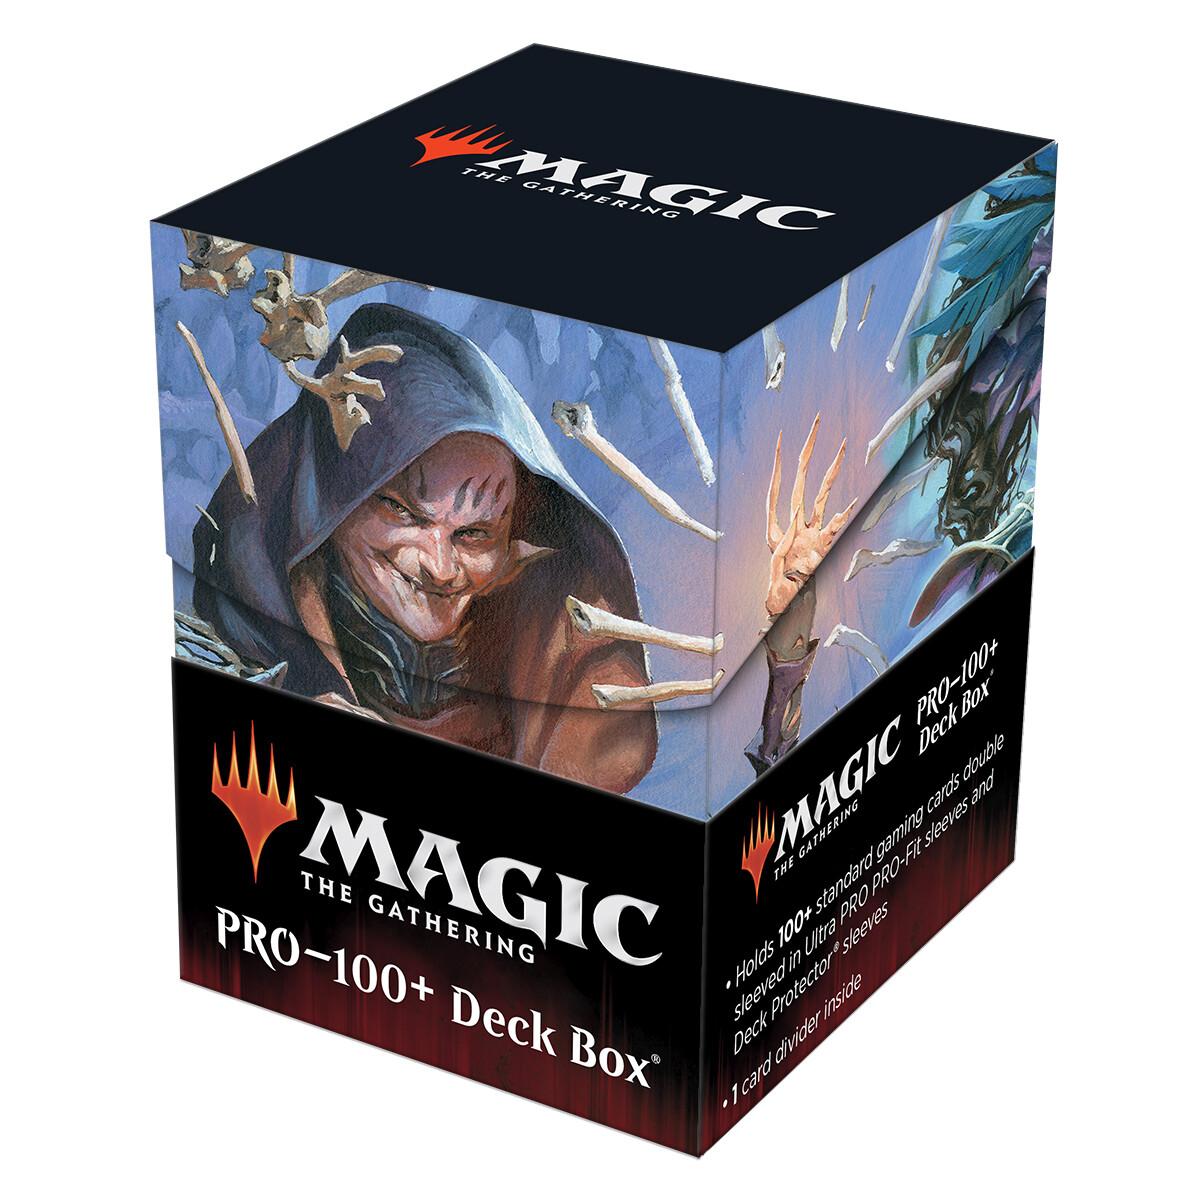 Deck Box: PRO 100+: MtG: Strixhaven V3